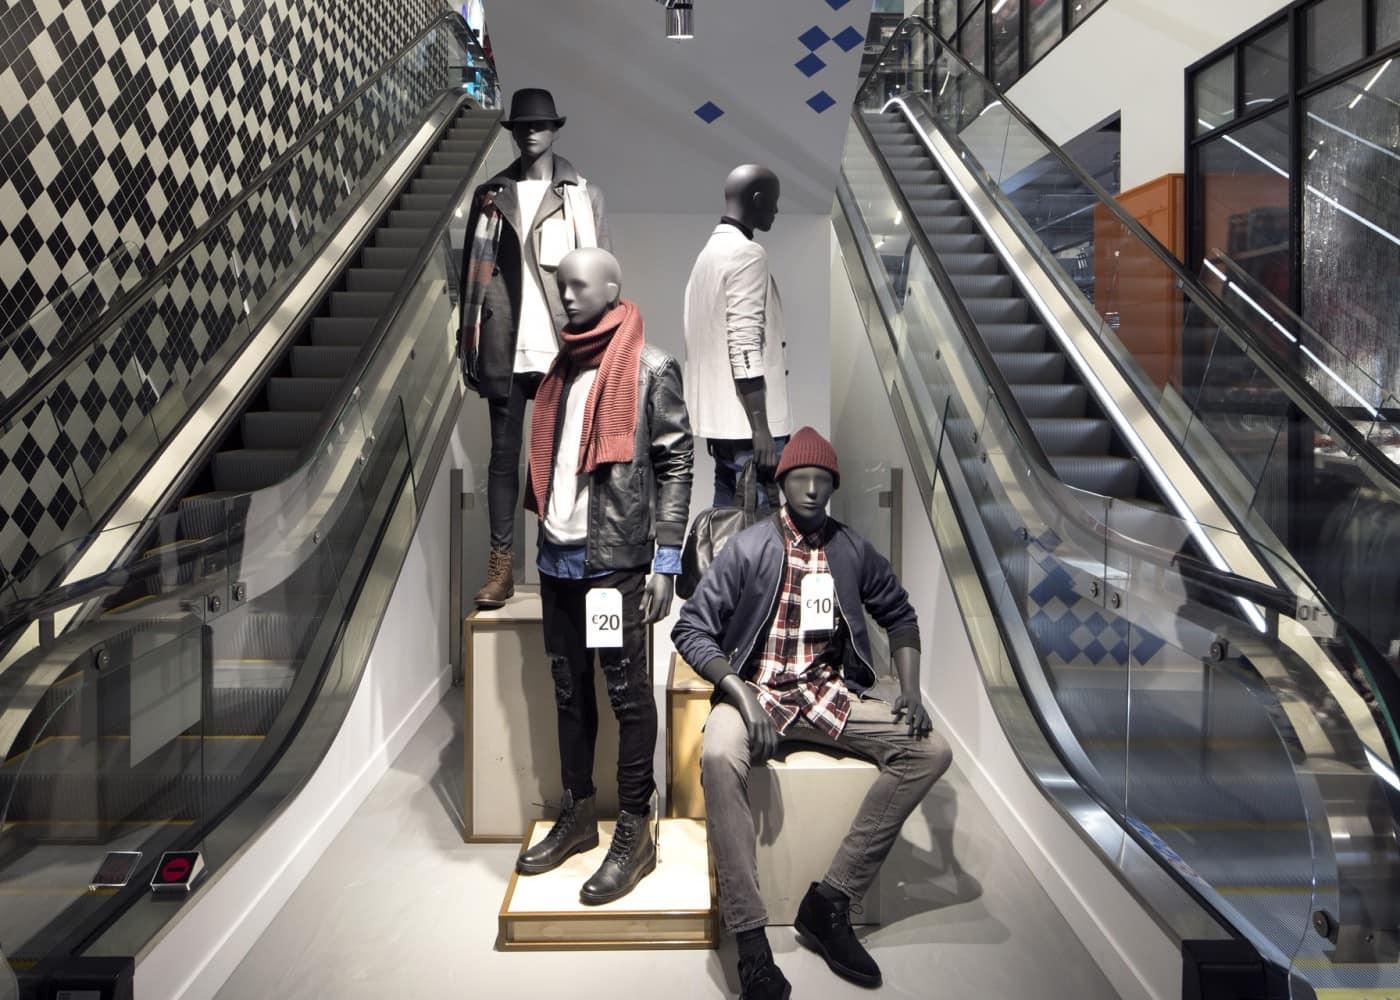 retail lighting design: Primark Amsterdam mannequins and escalators